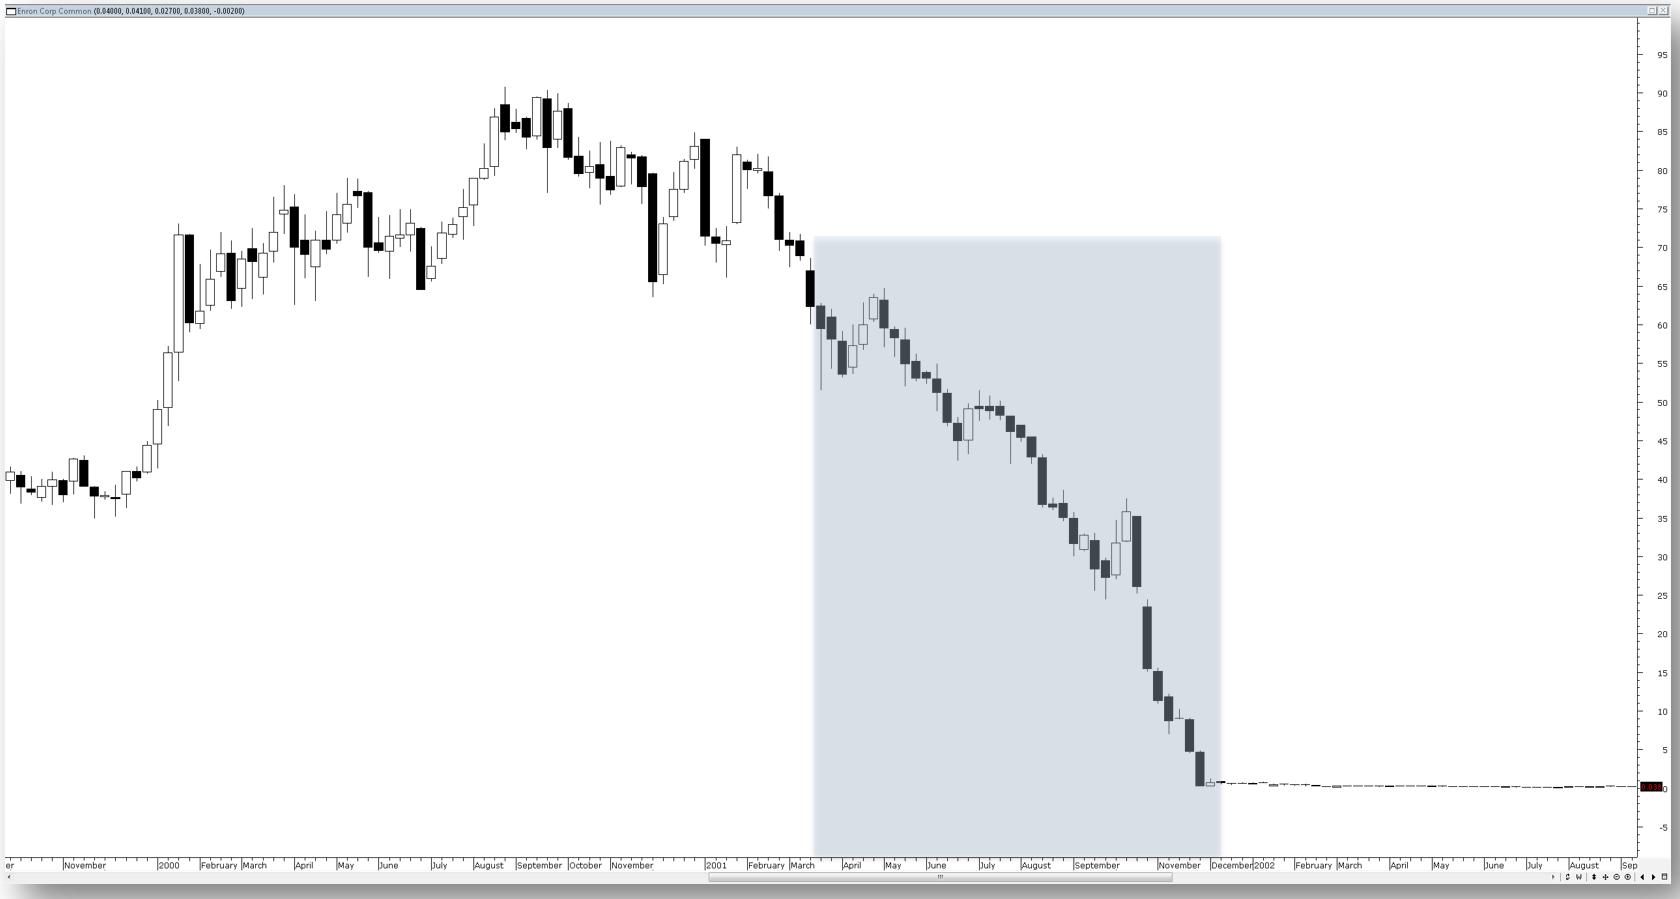 Enron chart